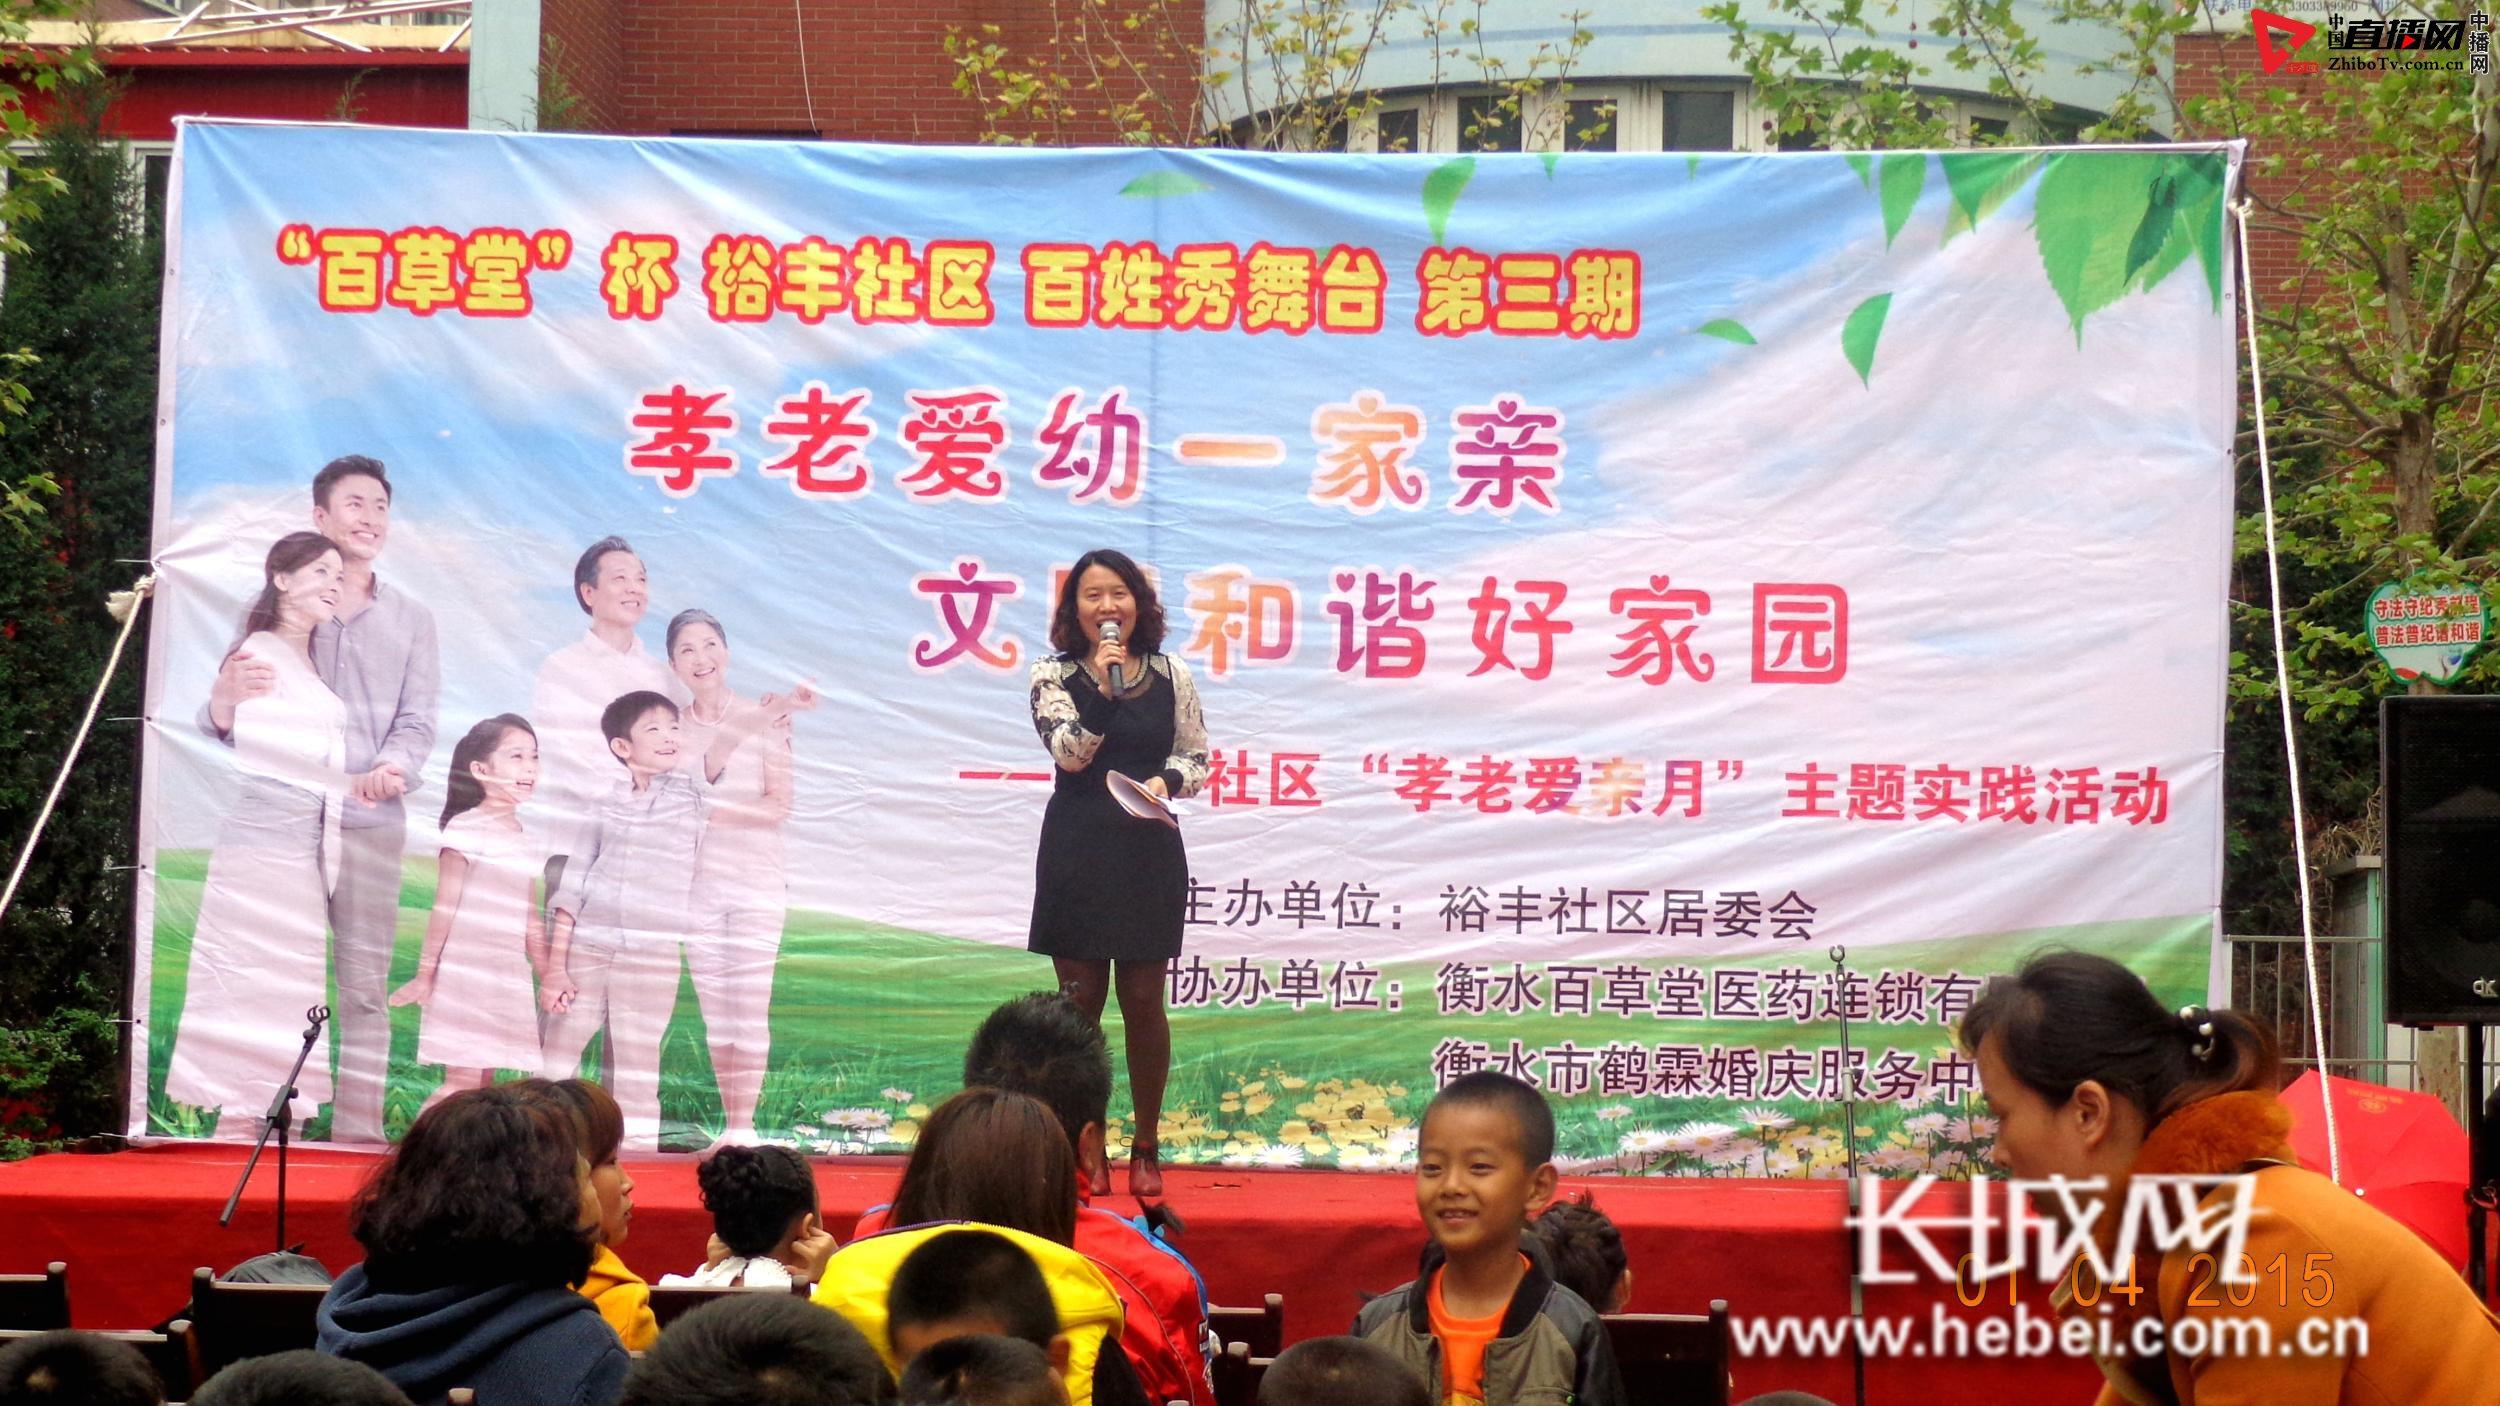 """代表委员长镜头⑧刘师伟:做居民的""""小巷总理"""""""